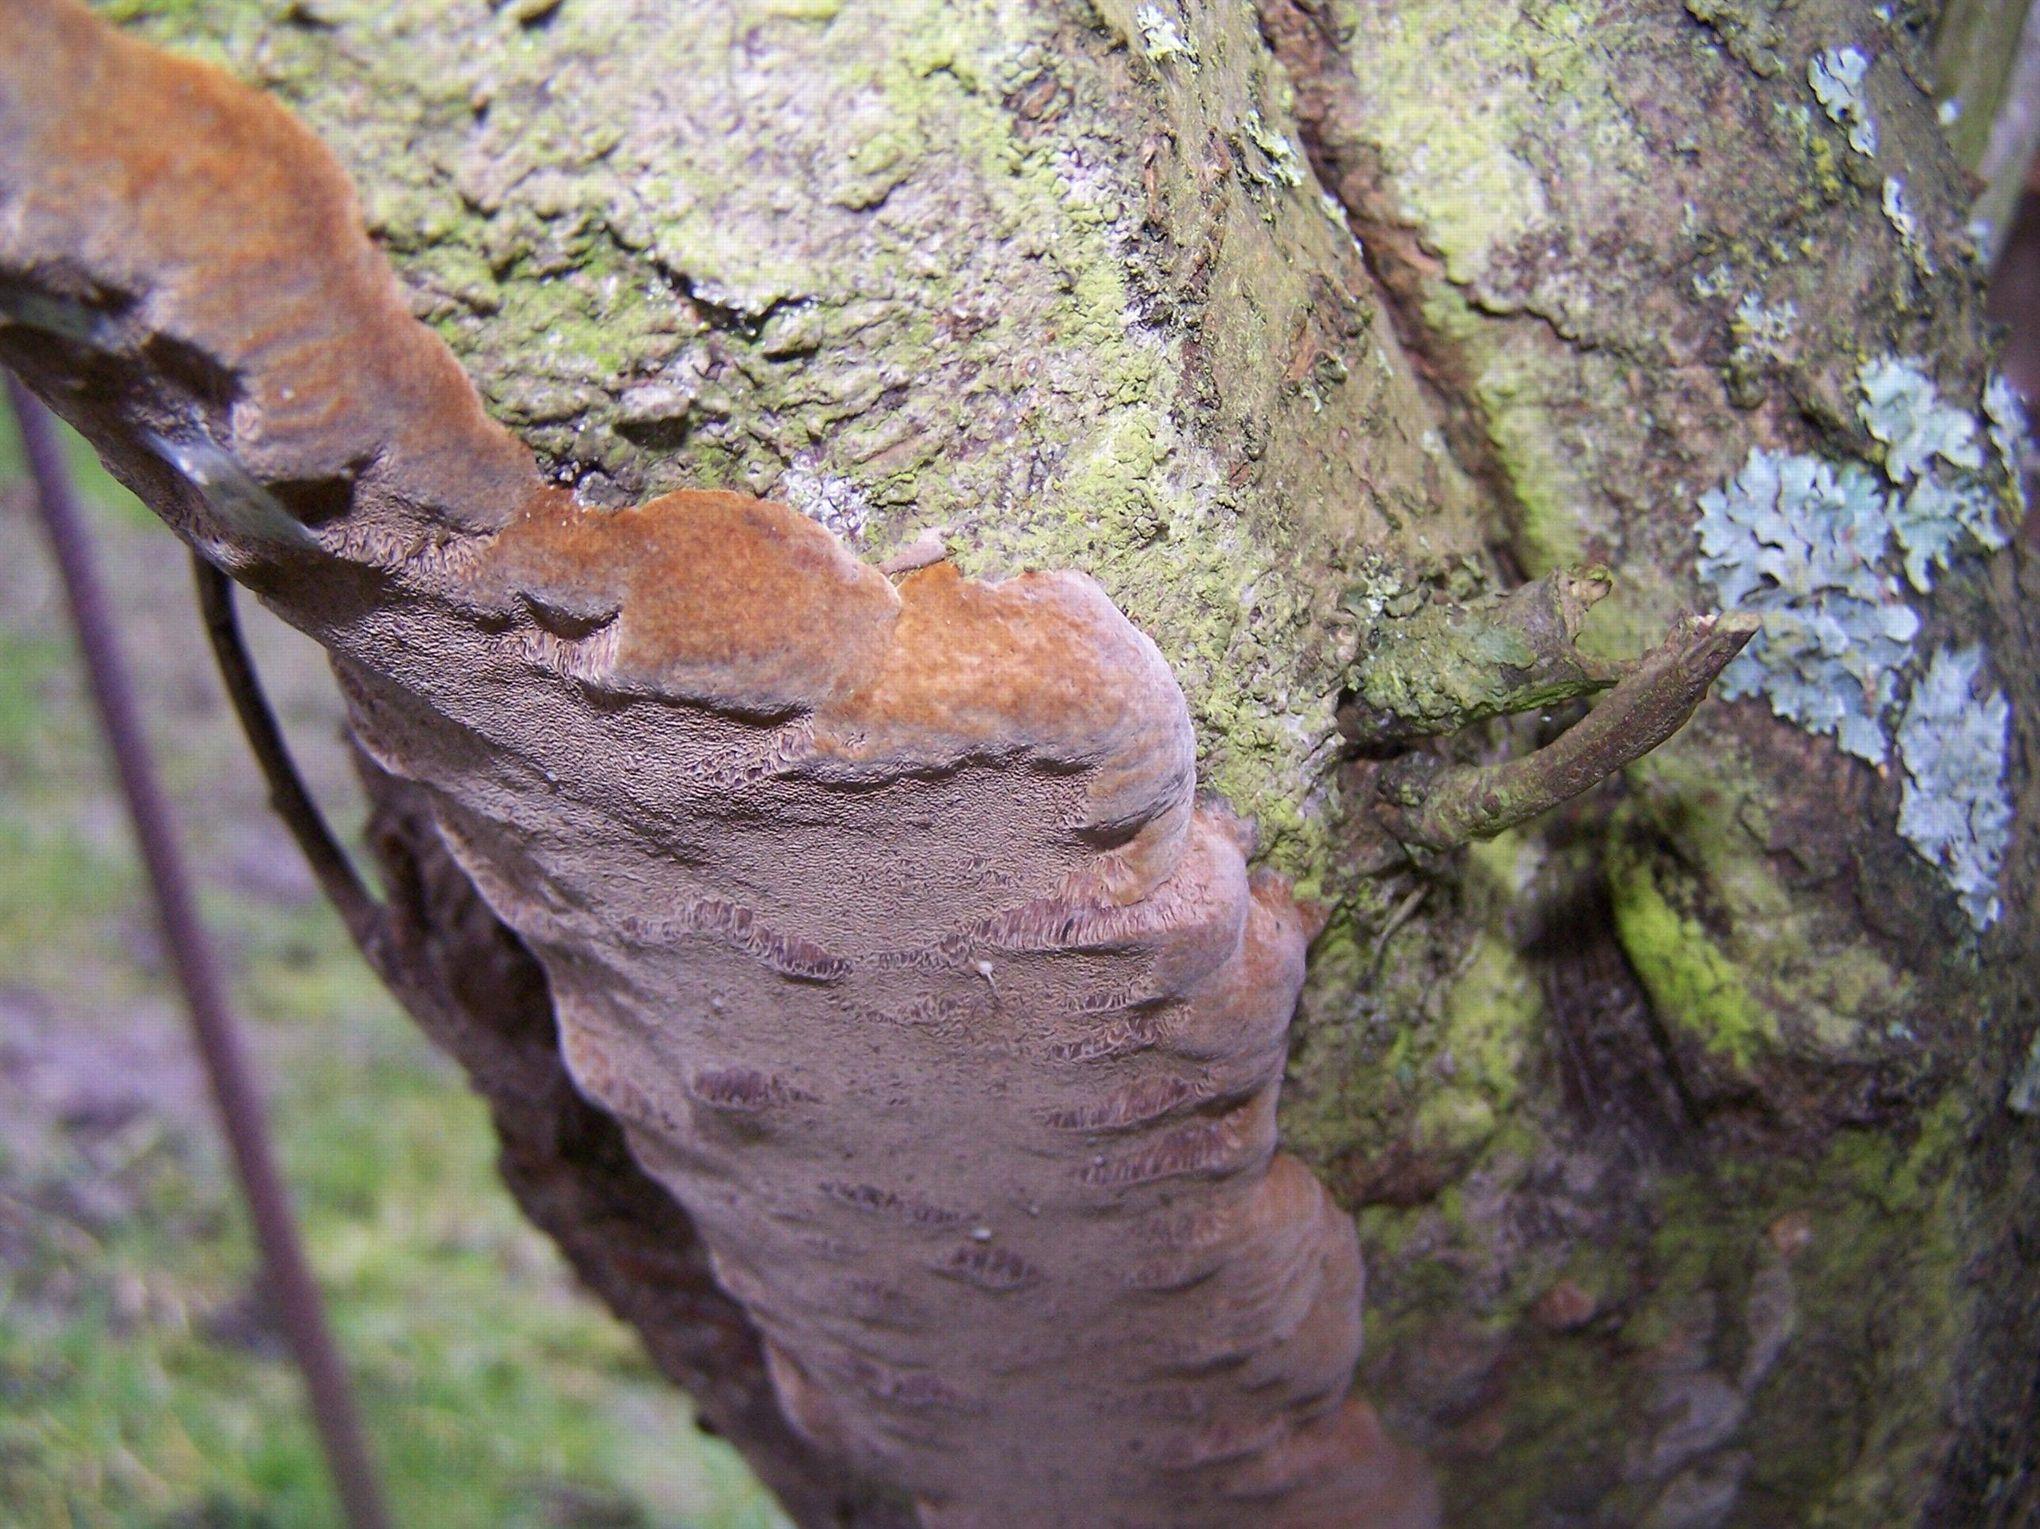 Arbre Fruitier D Intérieur comment soigner un prunier envahi de champignons ?